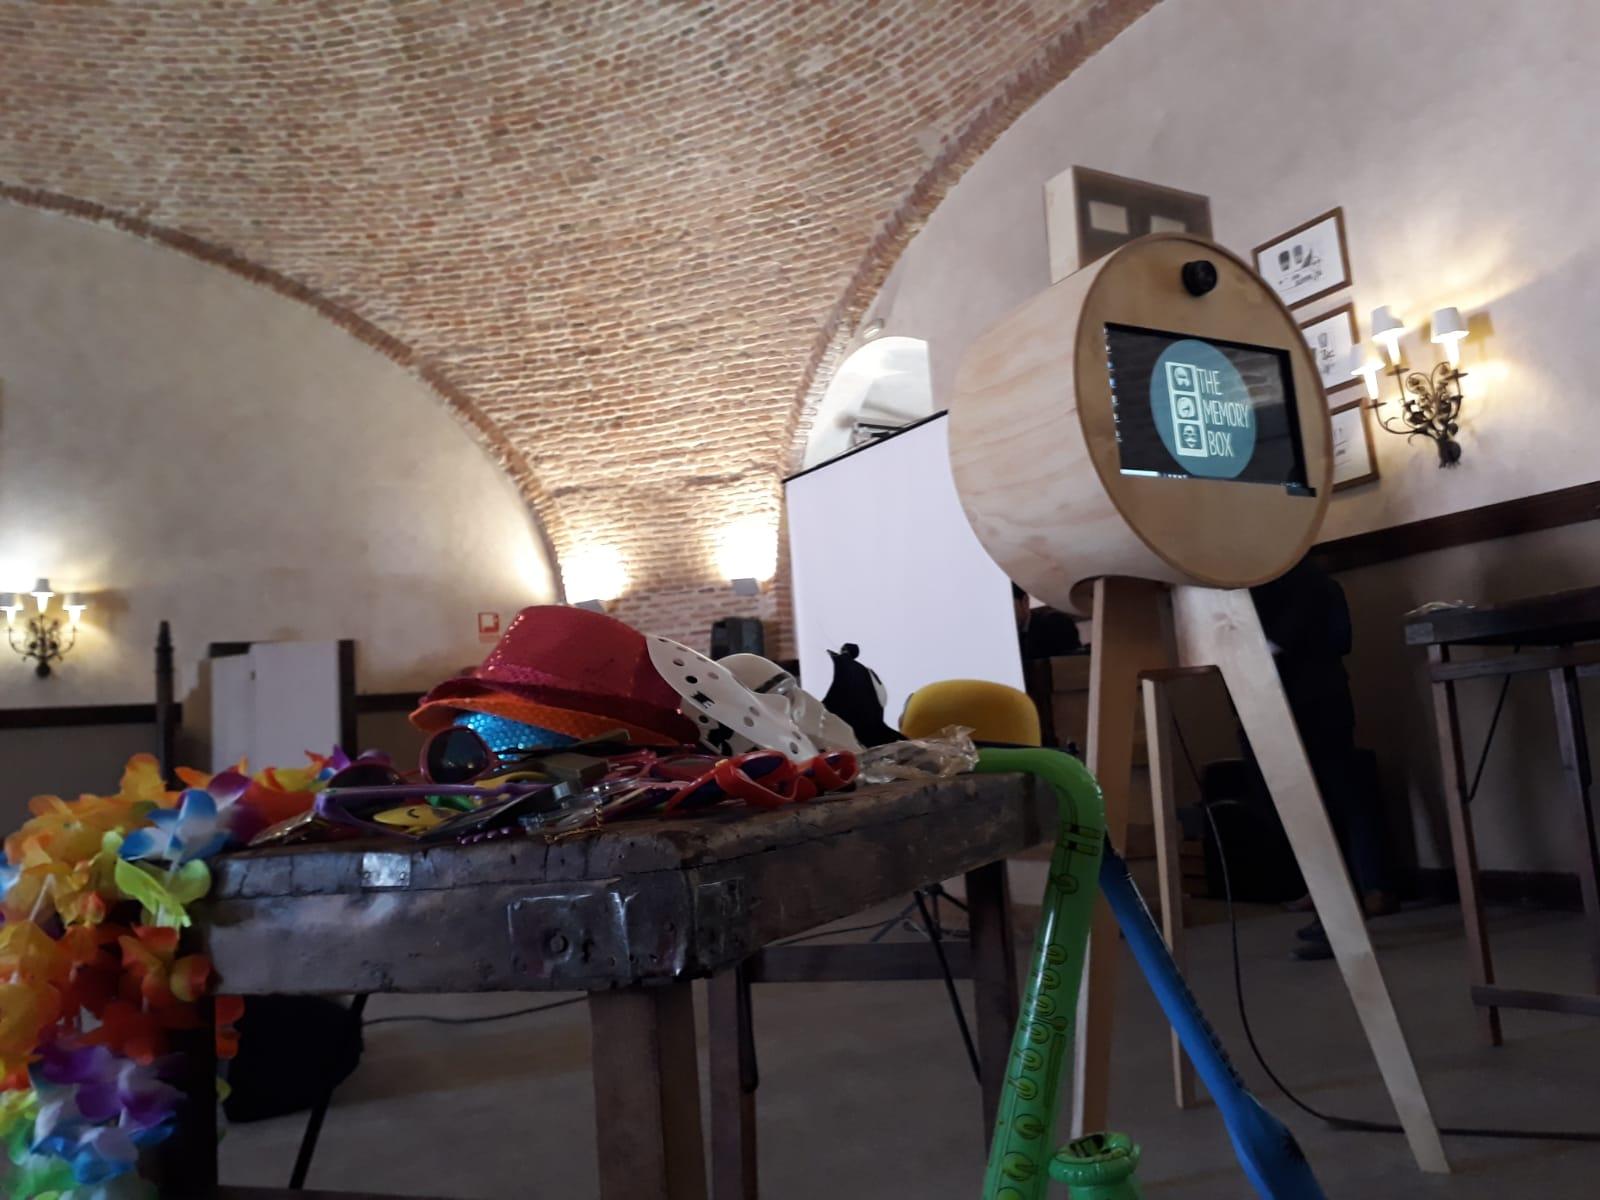 Fotomatón de Madera con el Espacio de Atrezzo : )